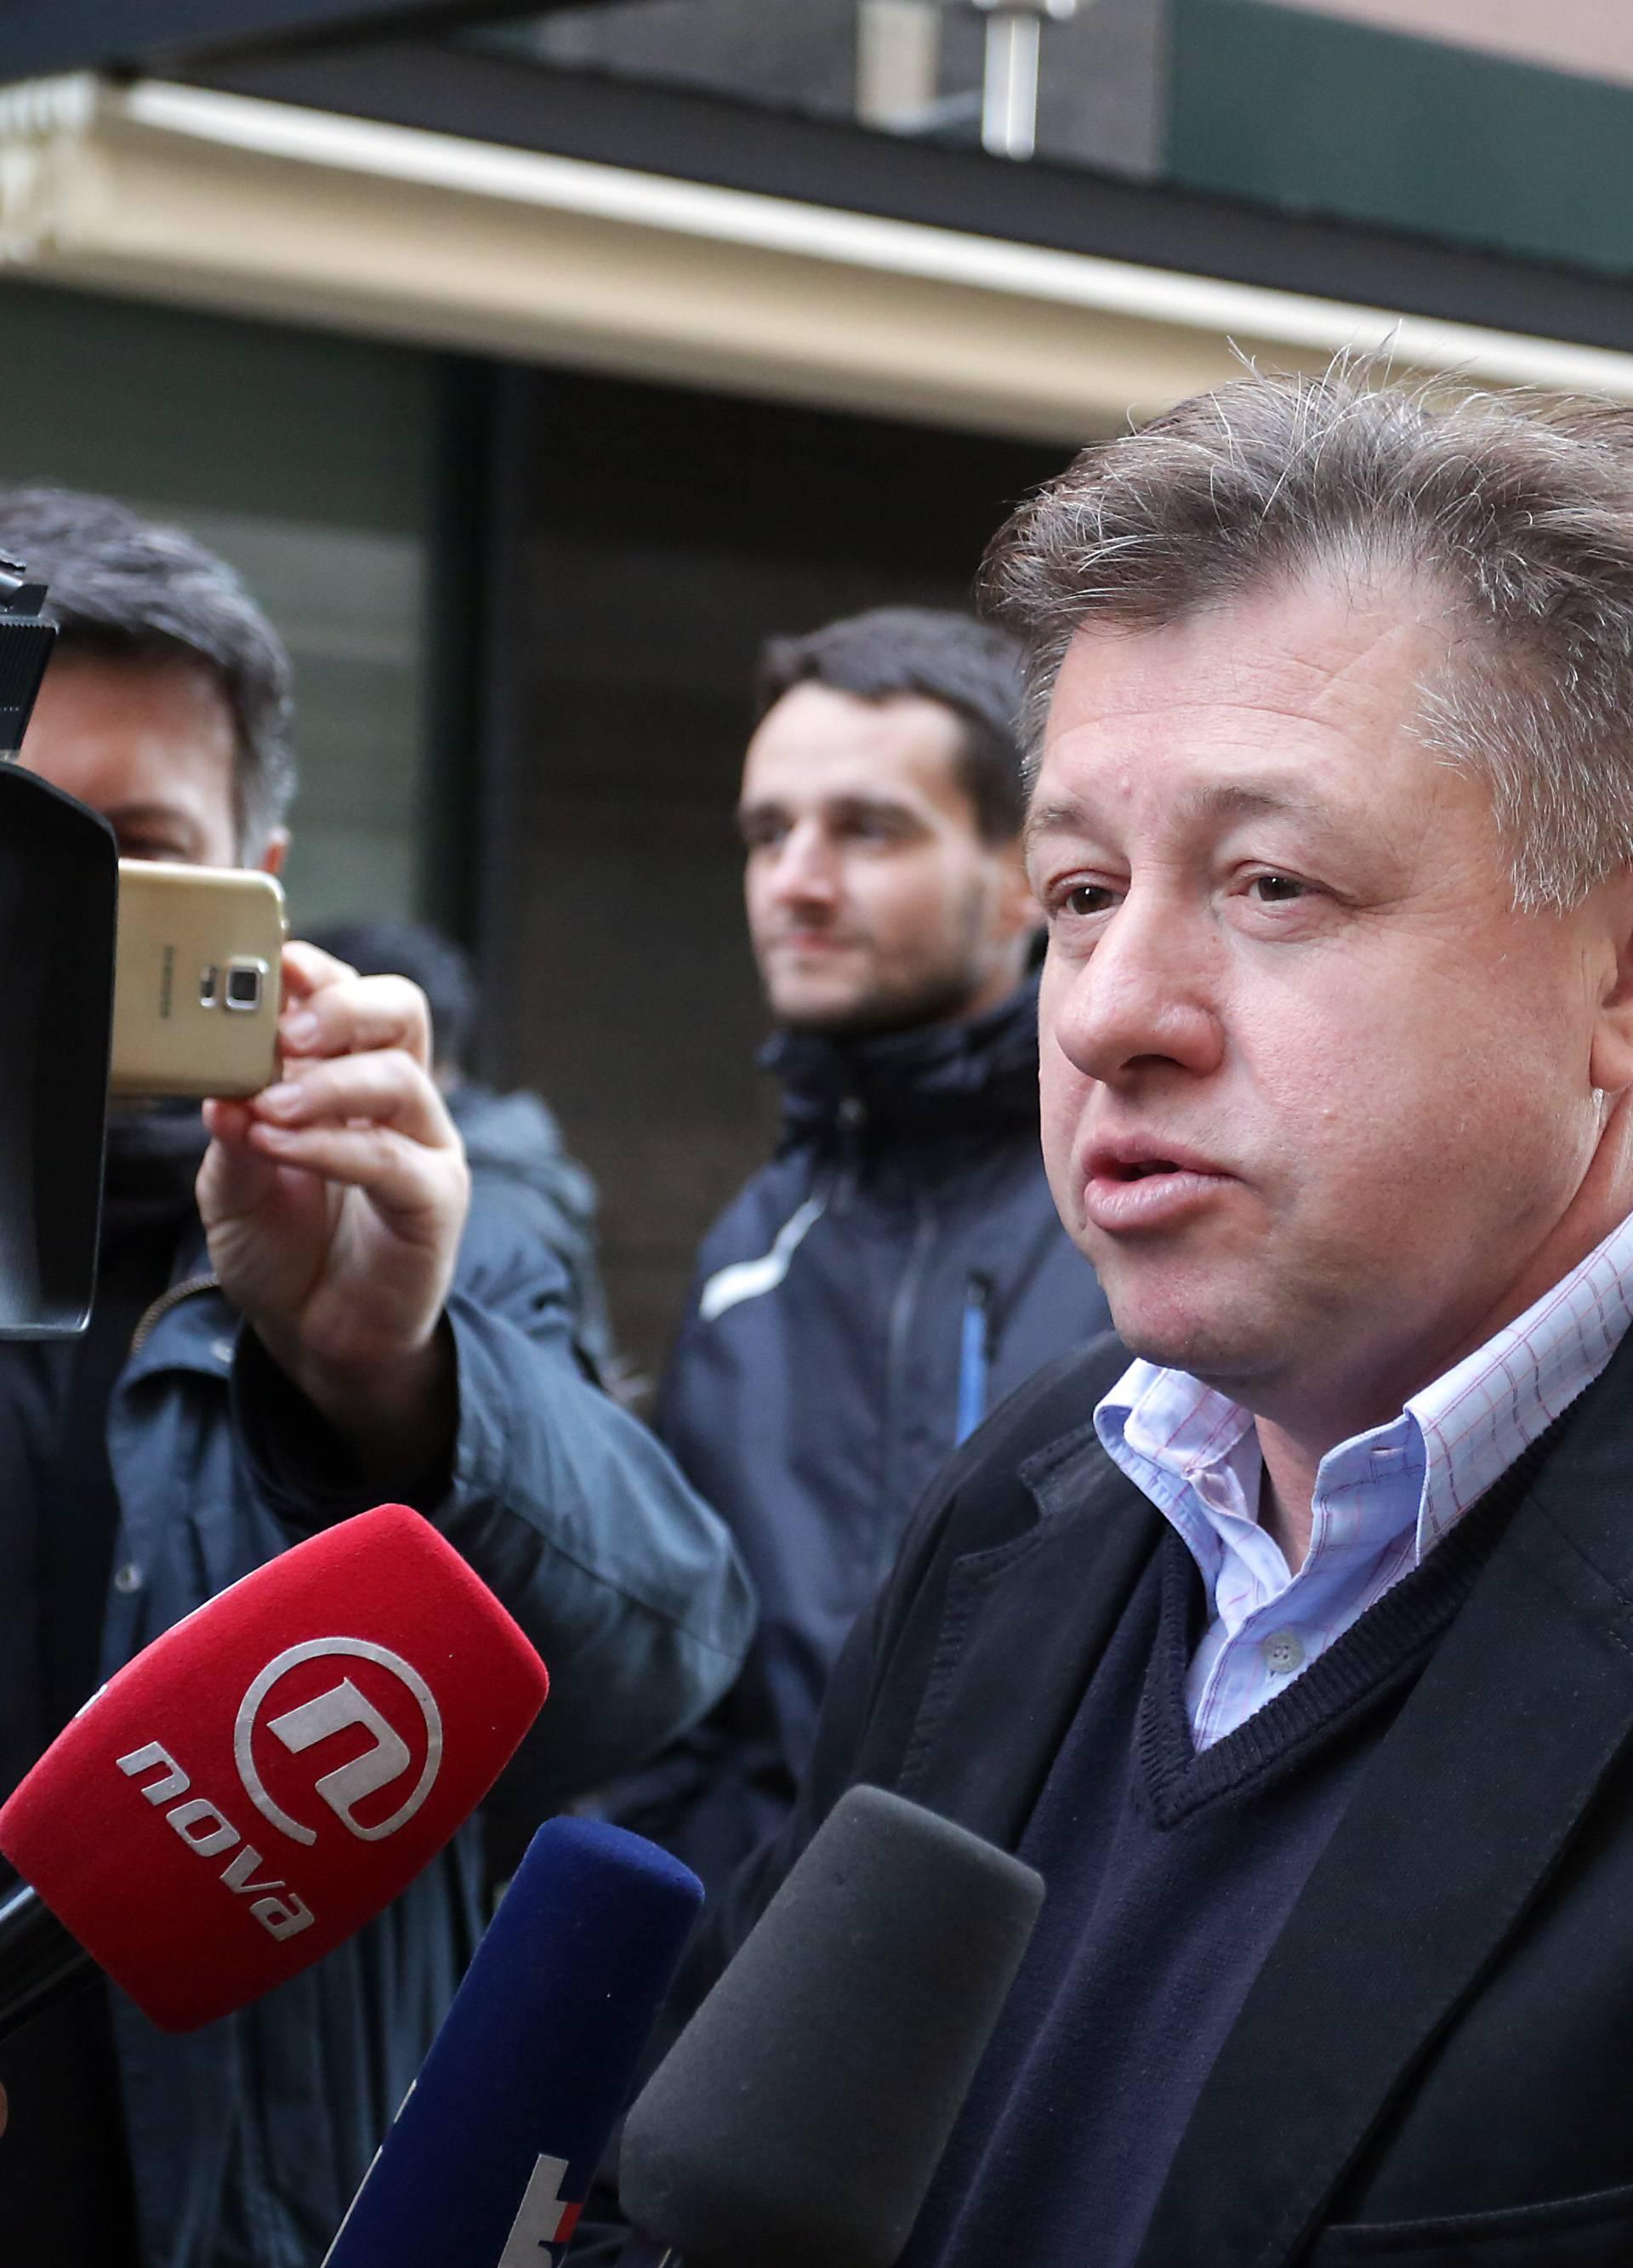 Bez mandata: Za fijasko SDP-a u Lici krivi su odnosi u stranci